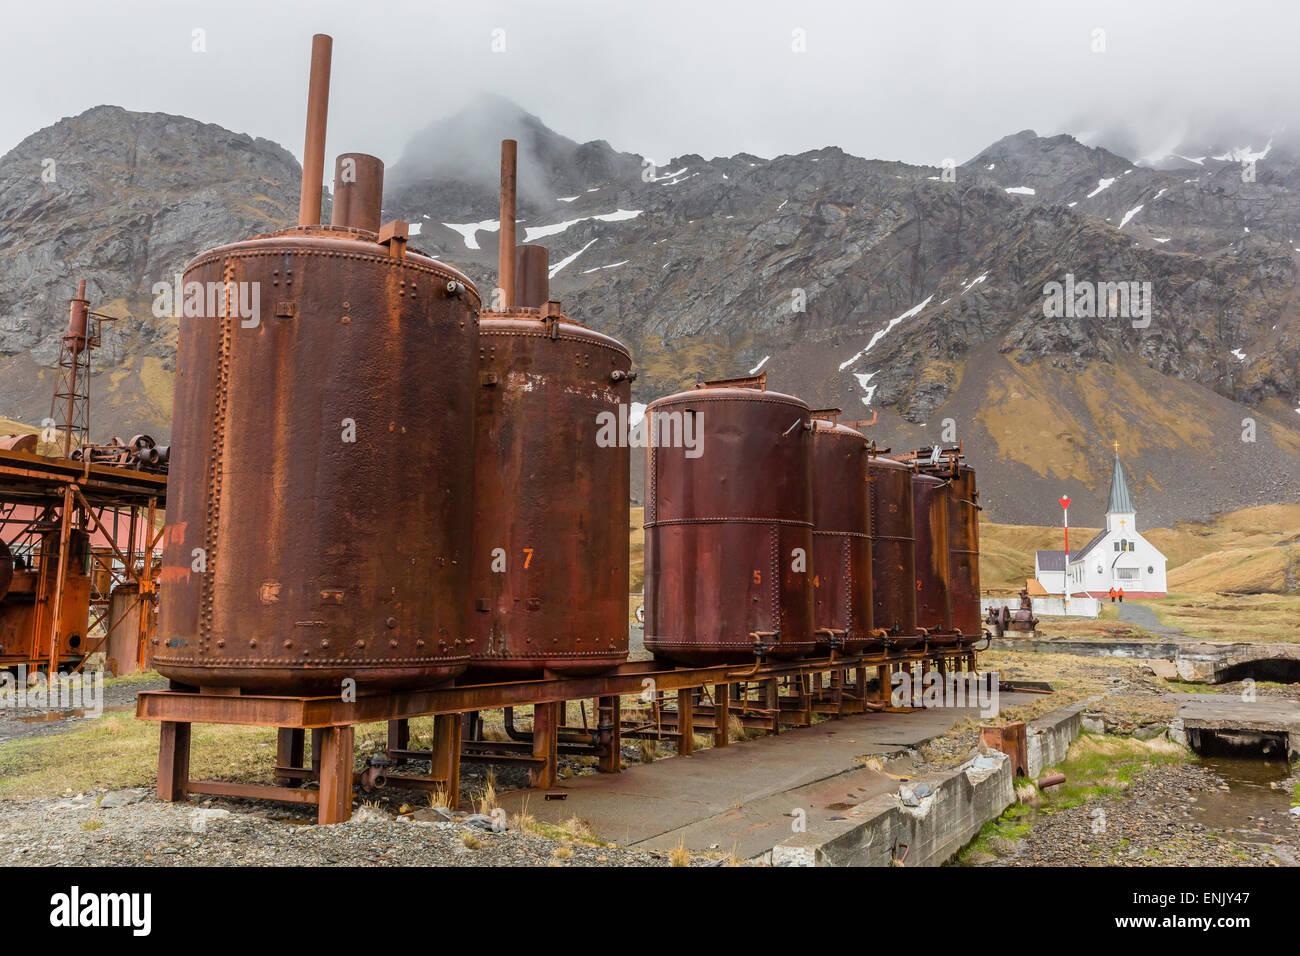 Arrugginimento macchinari in abbandonata la stazione baleniera di Grytviken Harbour, Georgia del Sud e le regioni Immagini Stock